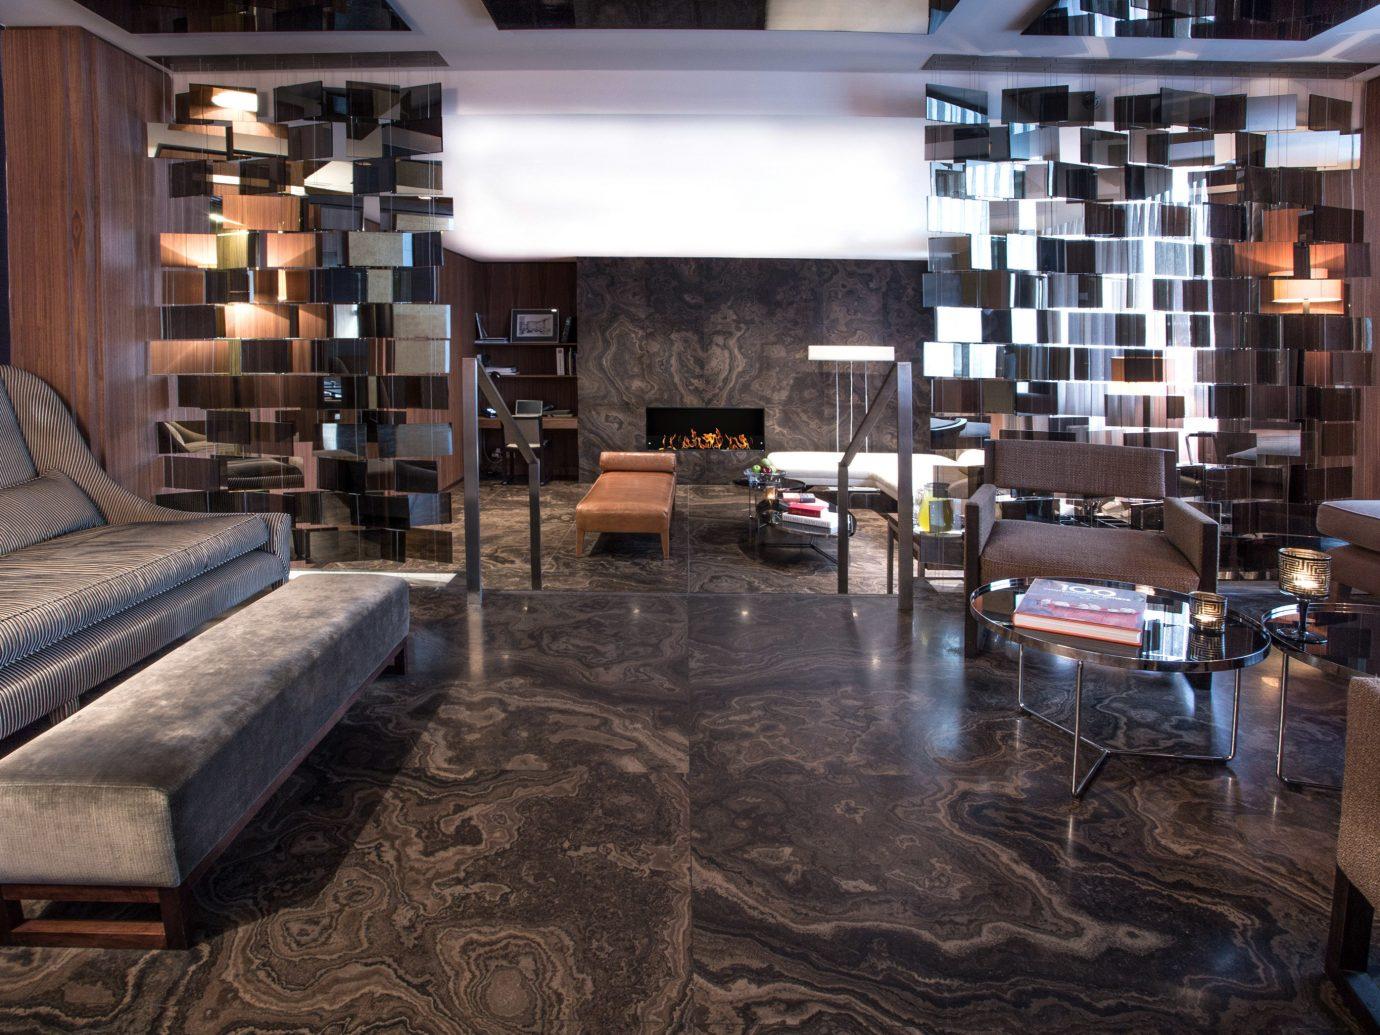 europe Fireplace Hip Hotels Living Lounge Modern Prague Resort indoor floor room Lobby property living room ceiling interior design home estate Design flooring furniture